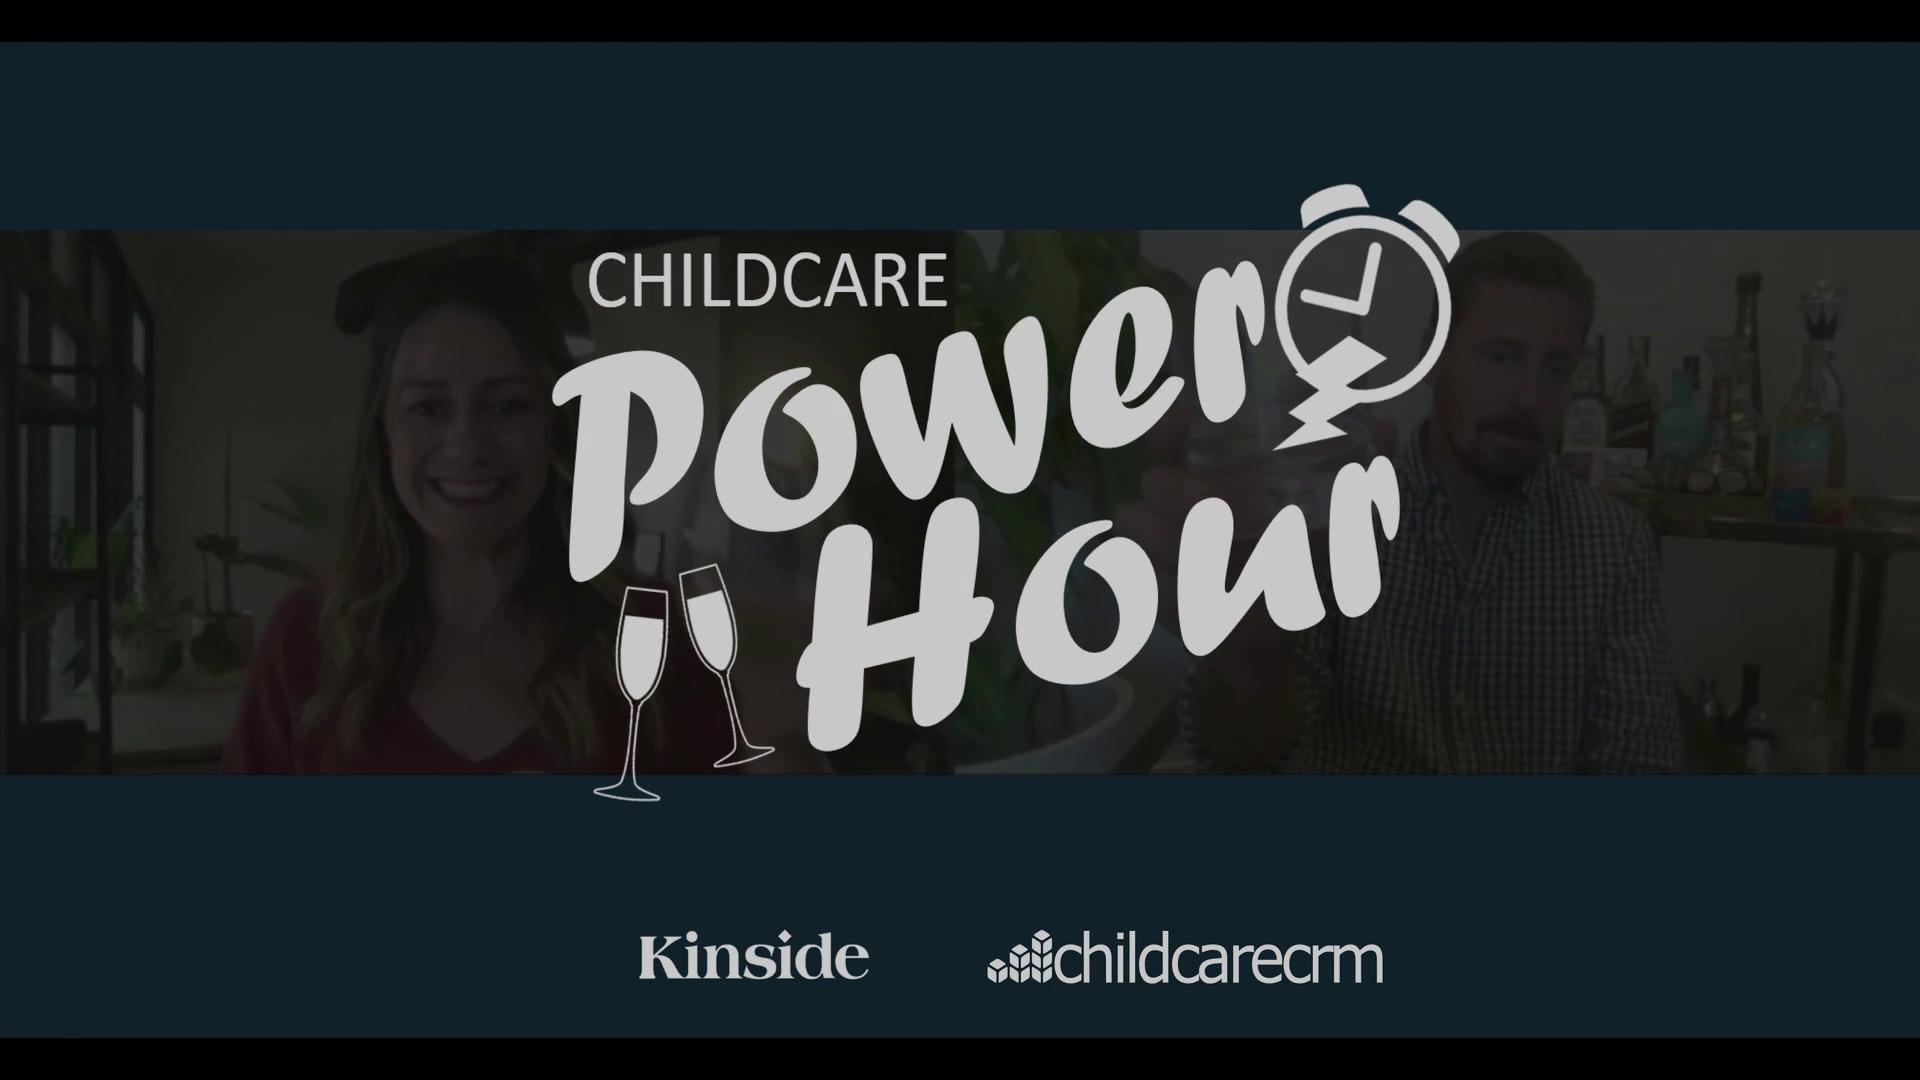 Kinside Power Hour Who is Kinside v3